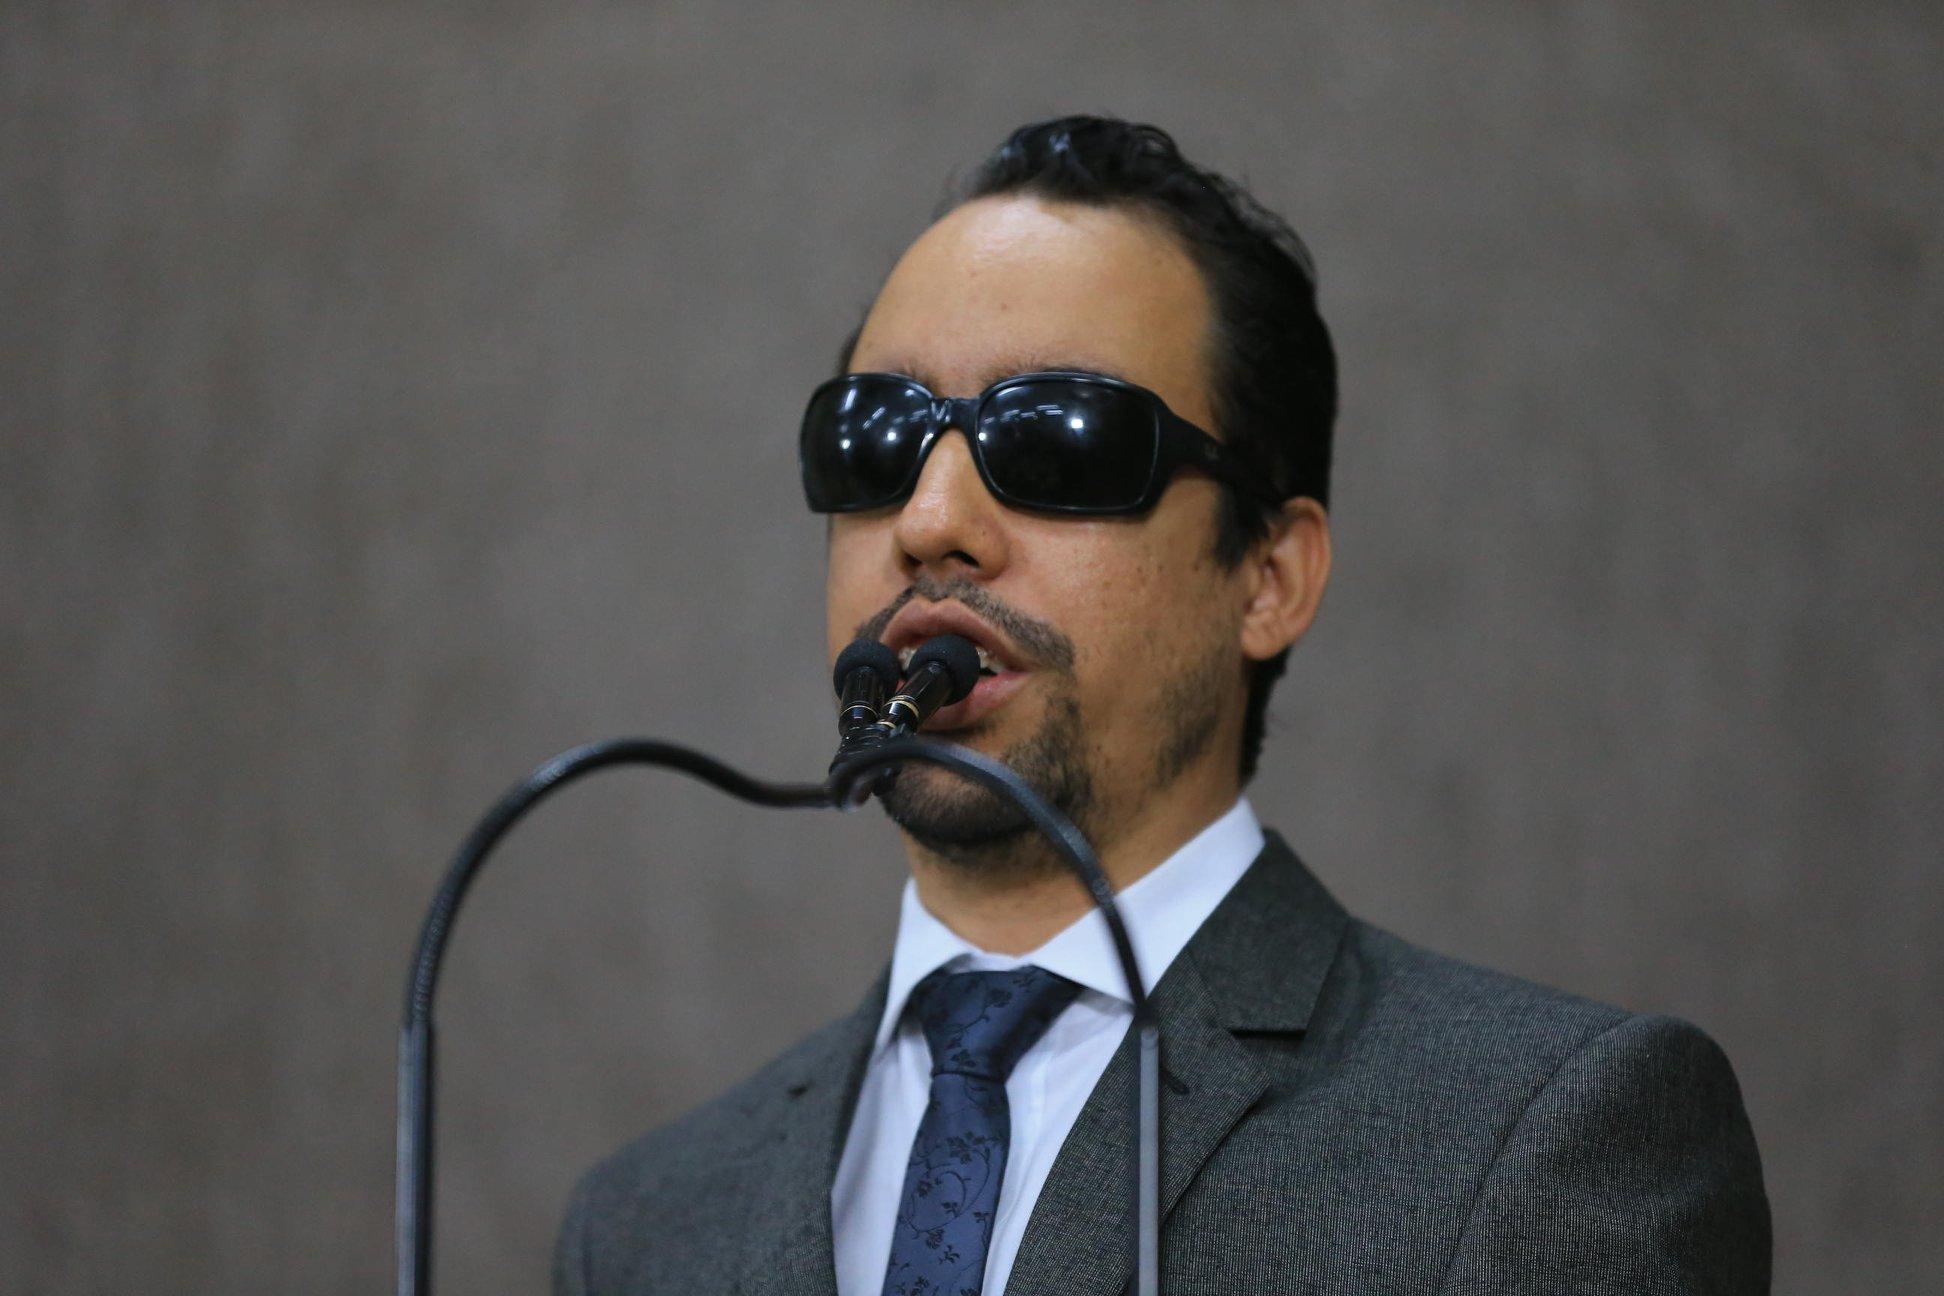 #PraTodoMundoVer Lucas Aribé em pé falando ao microfone na tribuna, Ele usa terno cinza, camisa branca e azul.